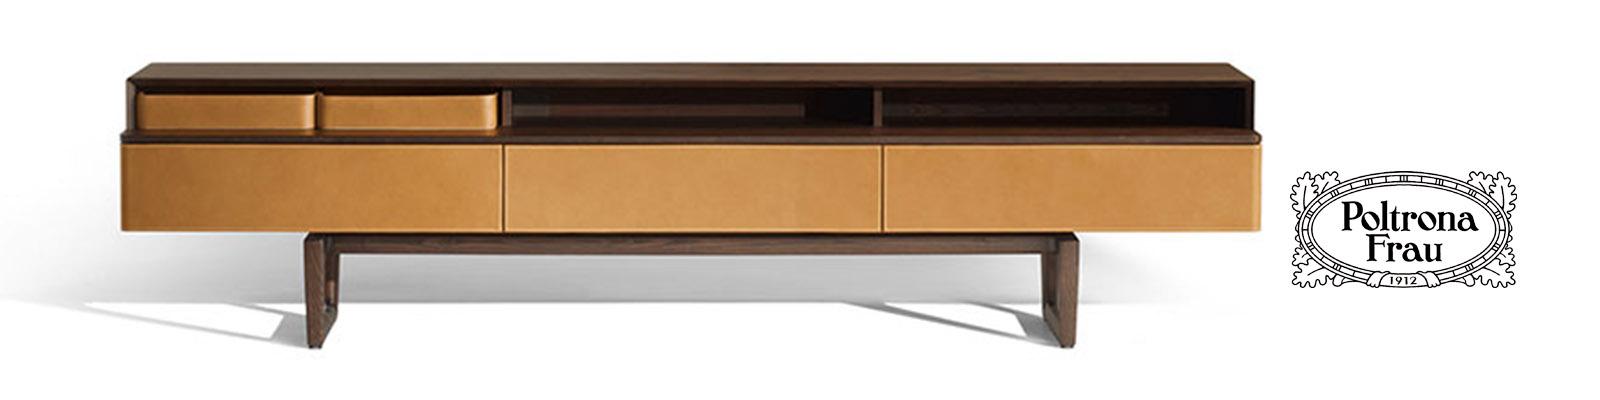 Fidelio multimedia cabinet poltrona frau original design for Fidelio arredamenti